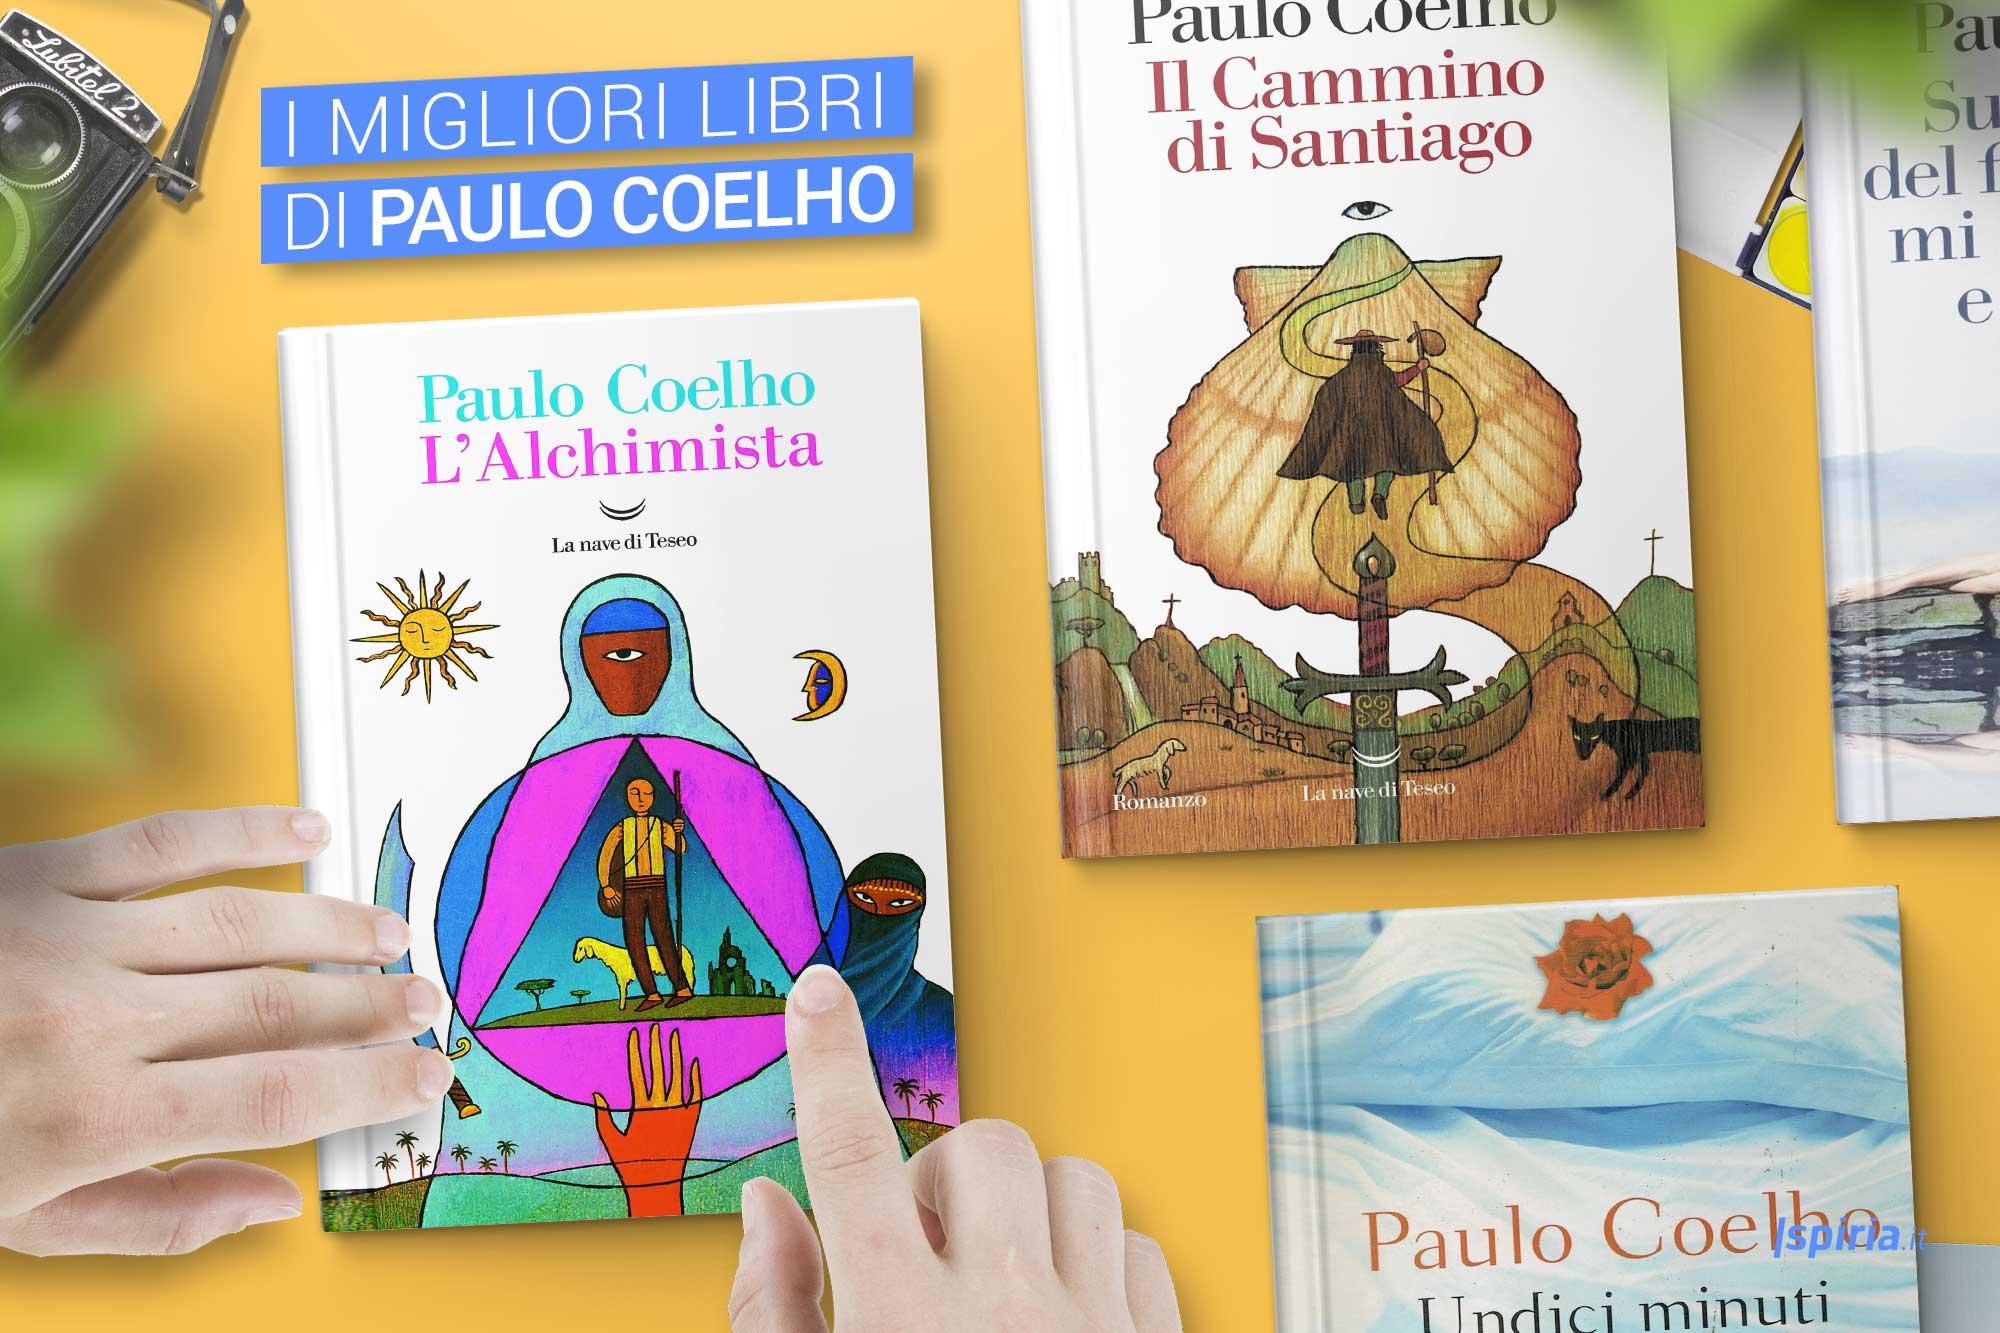 Migliori Libri Di Paulo Coelho | Libro Coelho Consigliato (romanzo Migliore)